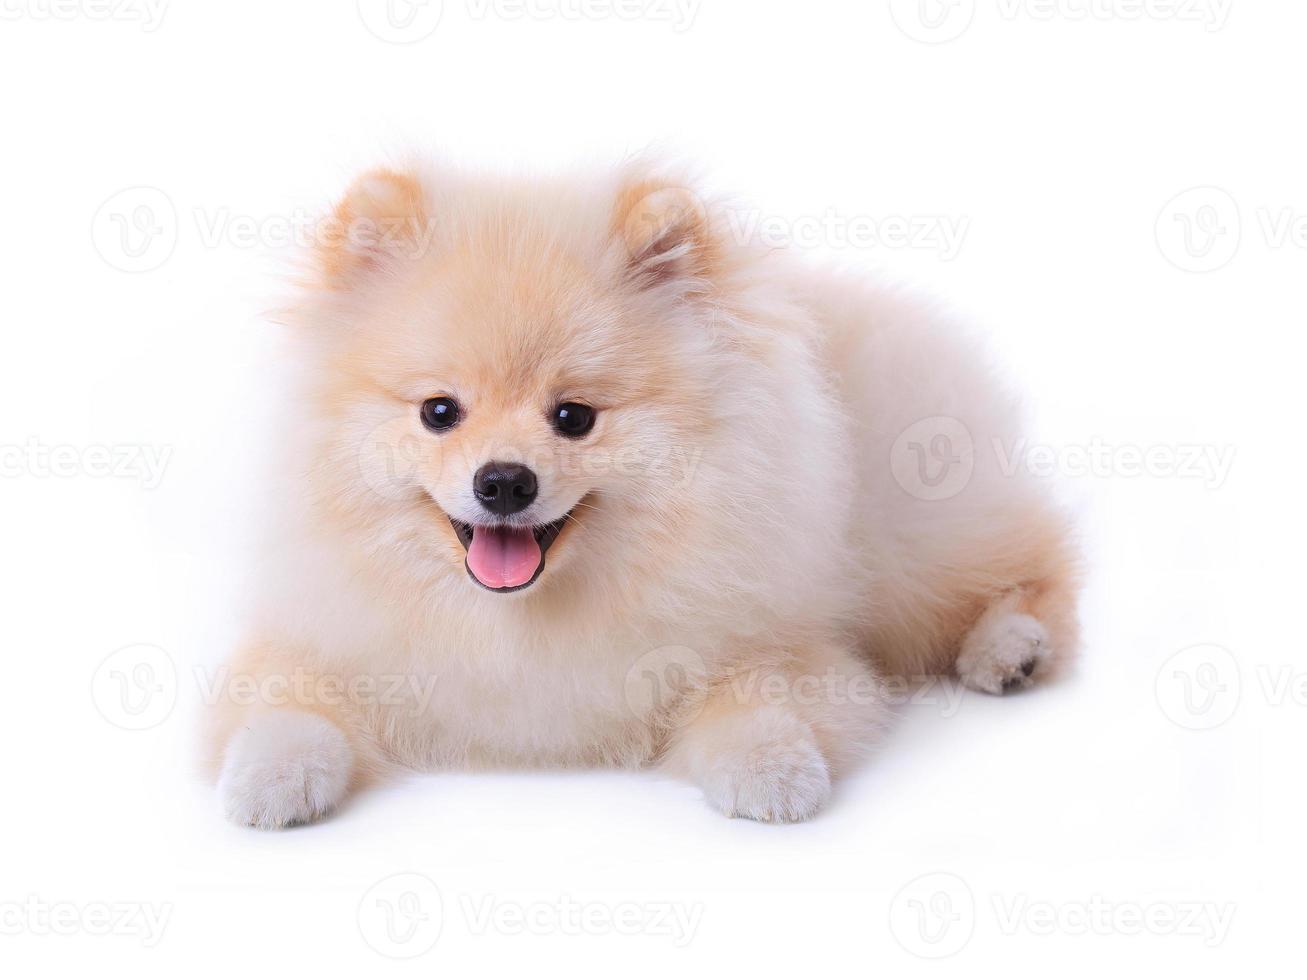 White pomeranian puppy dog photo